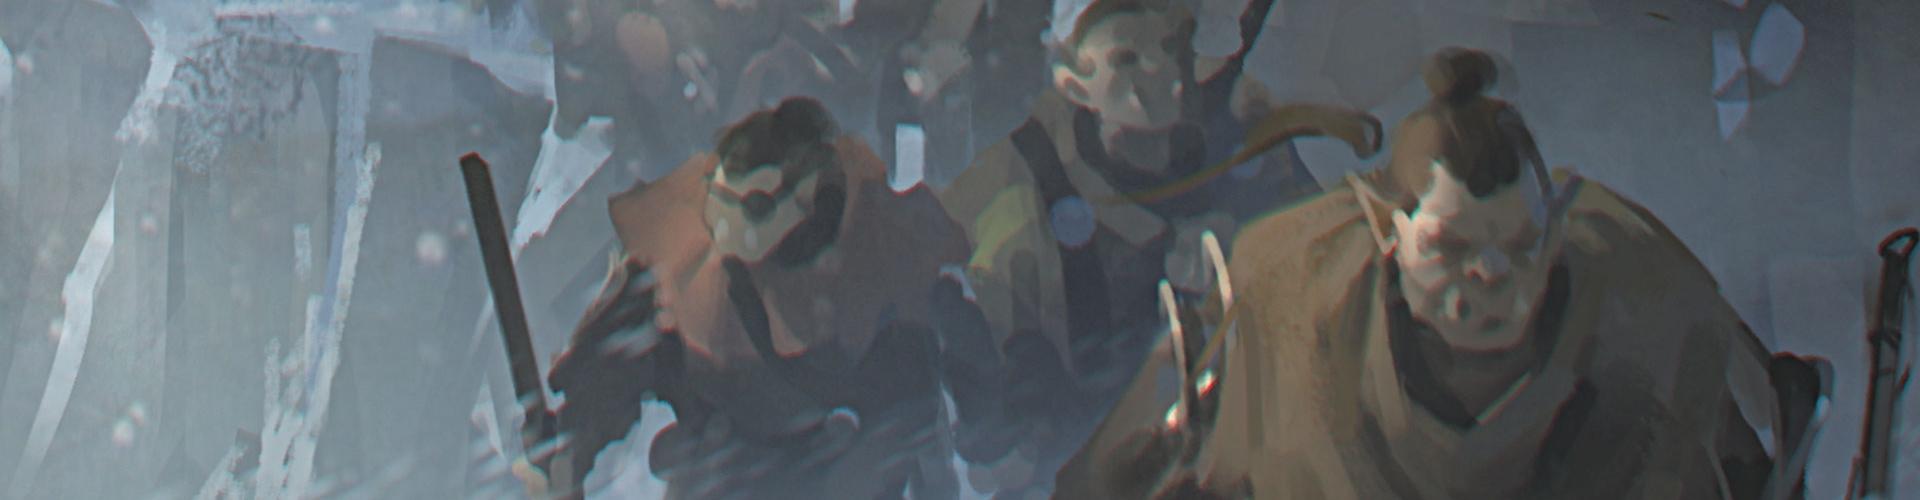 Inside D&D's Art Development